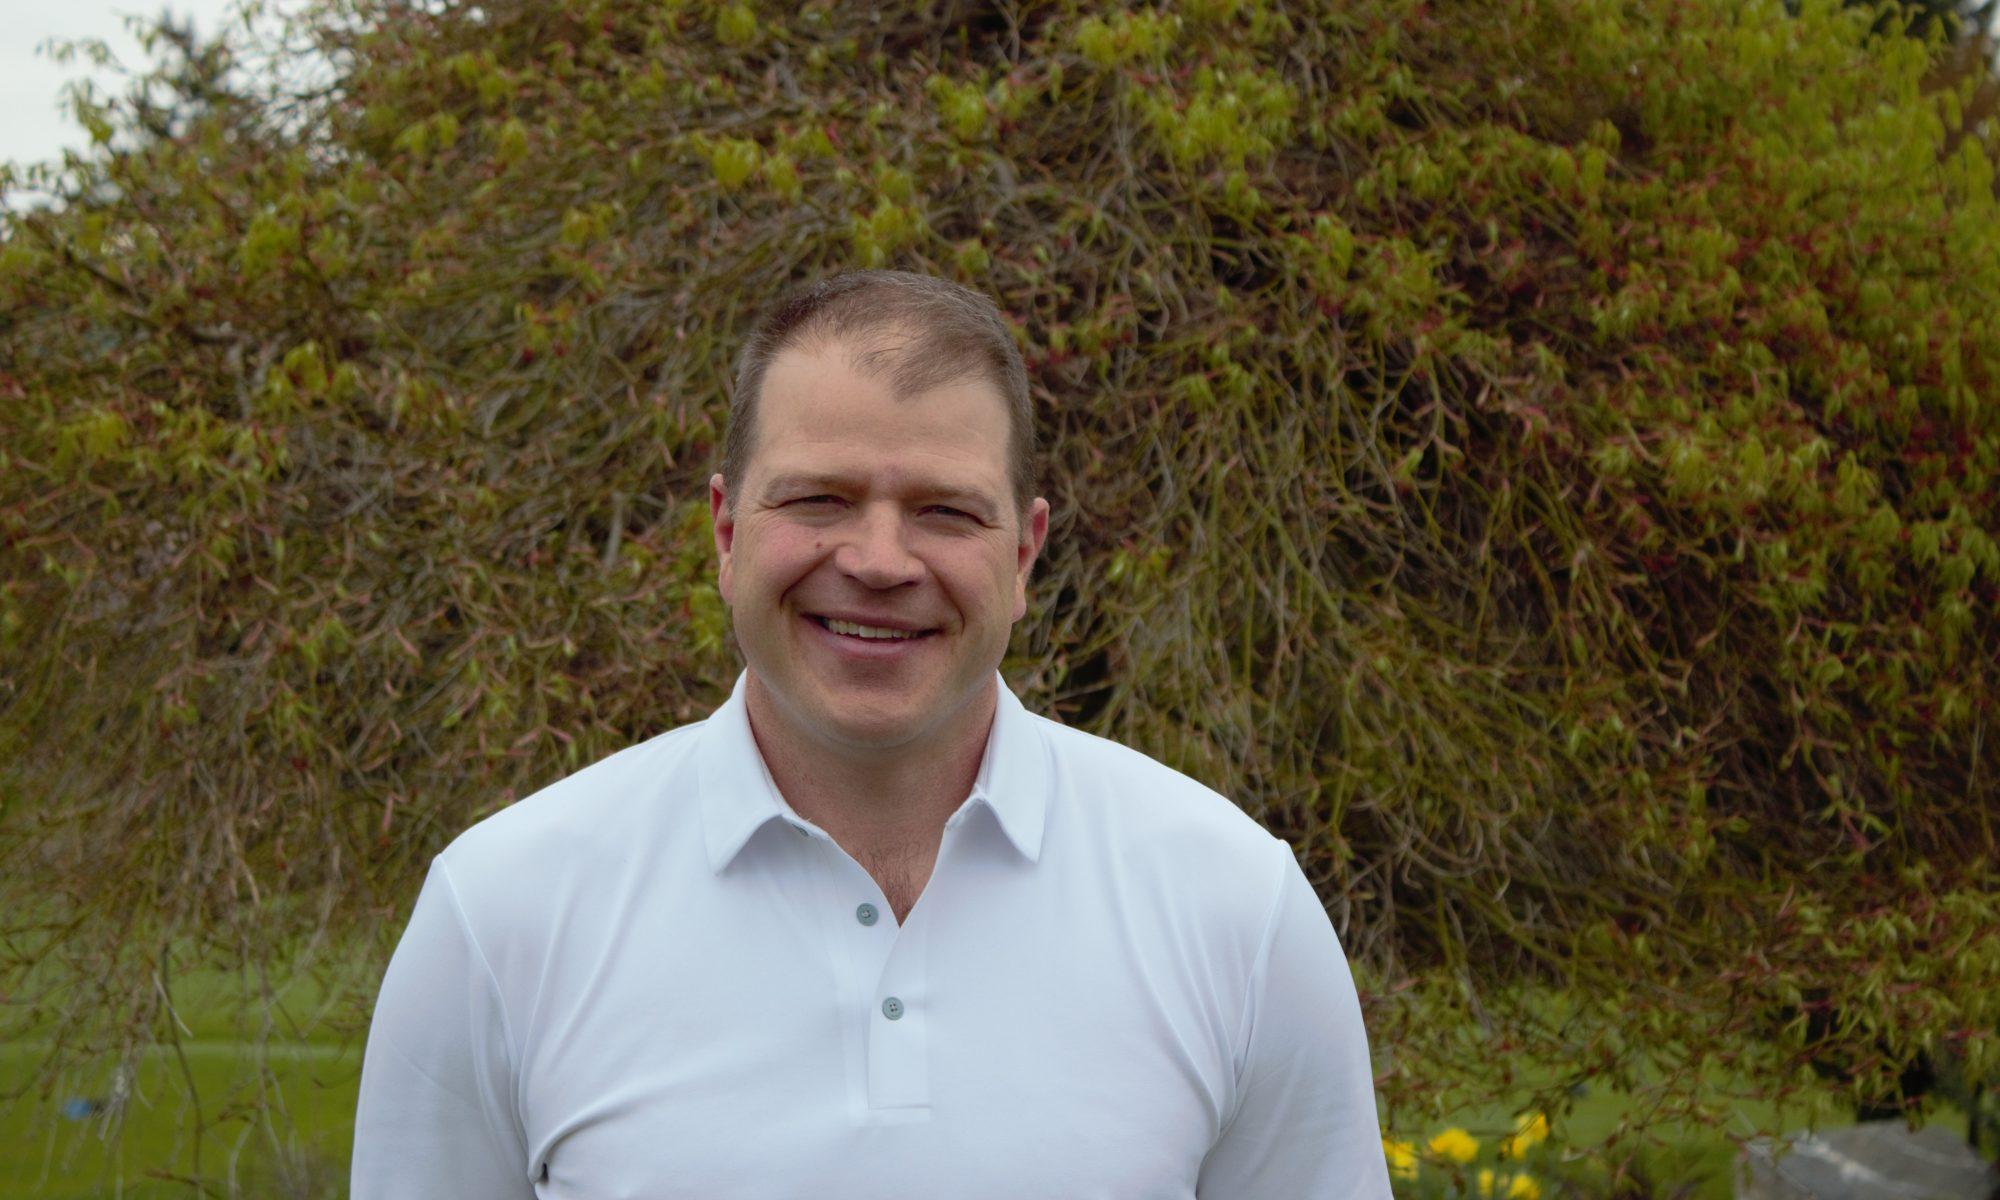 Jason Giesbrecht